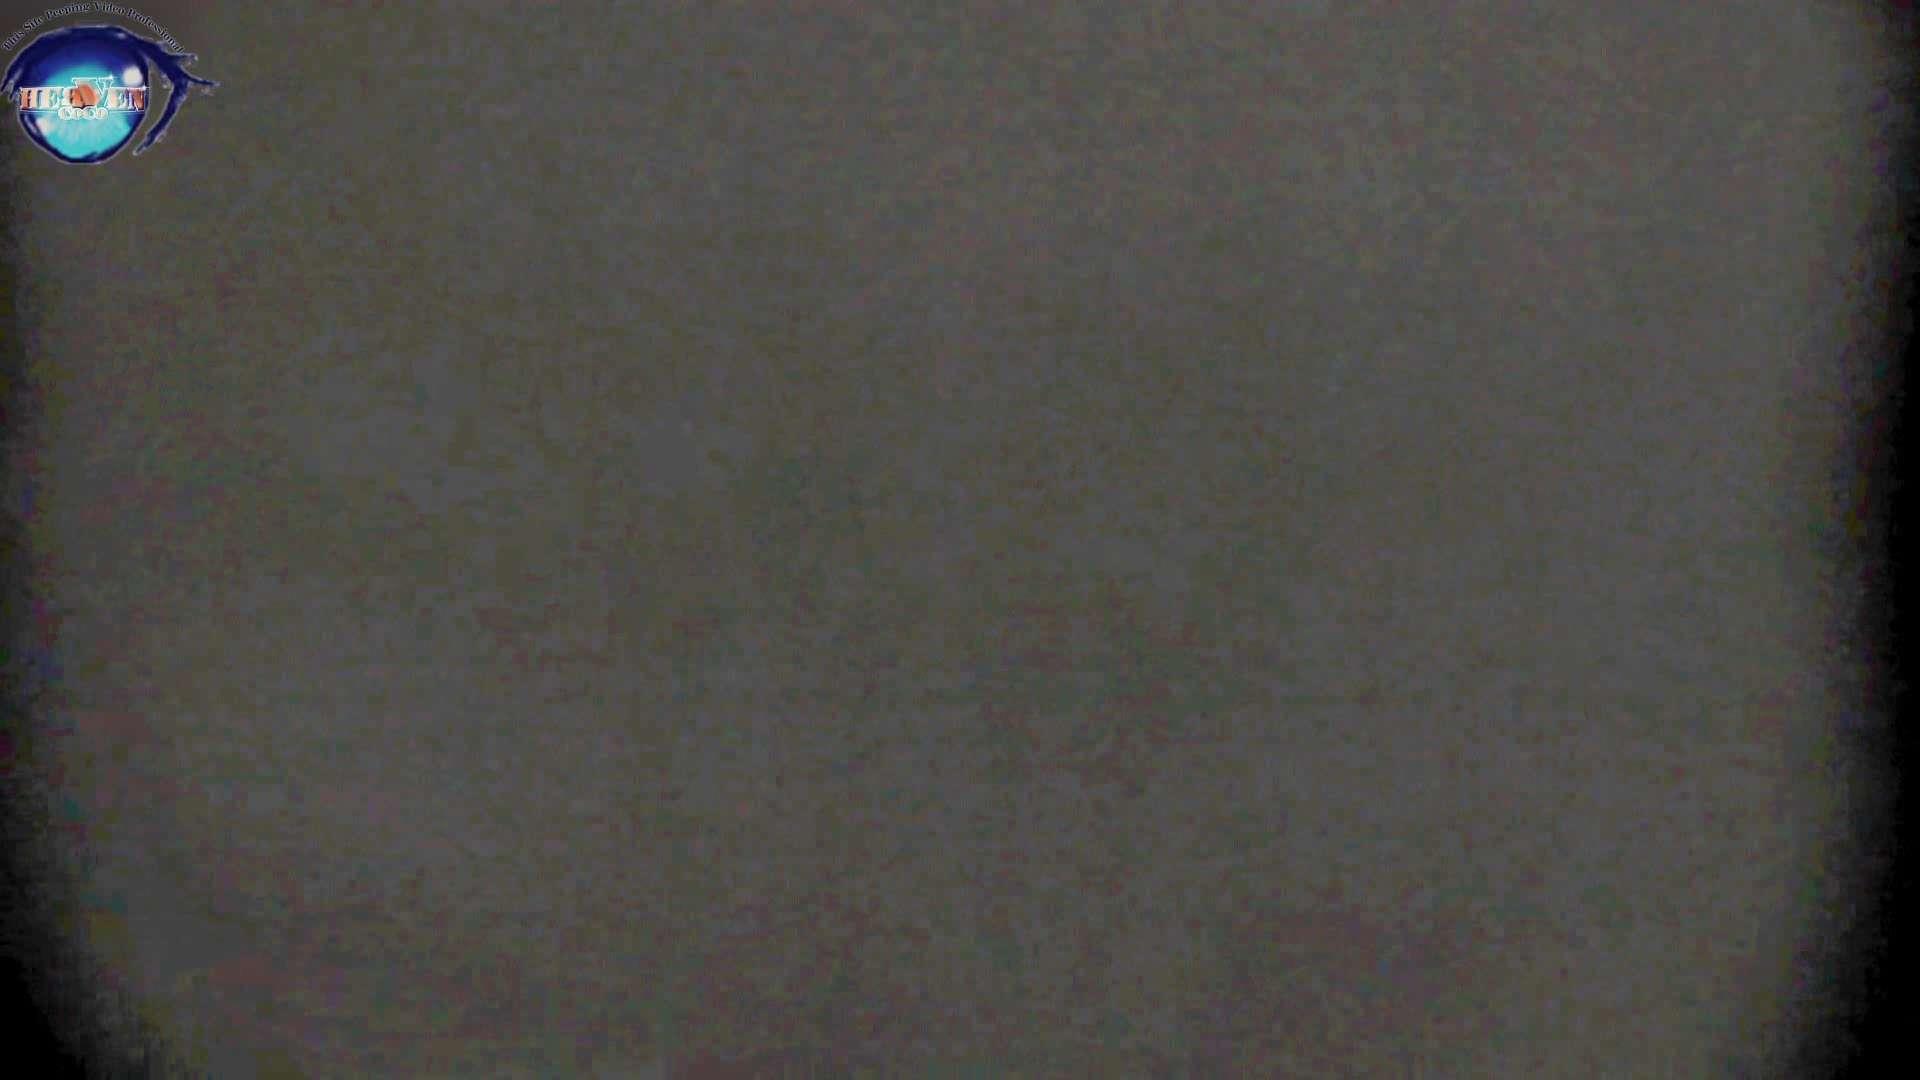 洗面所突入レポート!!お銀 vol.67 新たな場所への挑戦が始まる!!後編 OLエロ画像   洗面所  49PICs 34